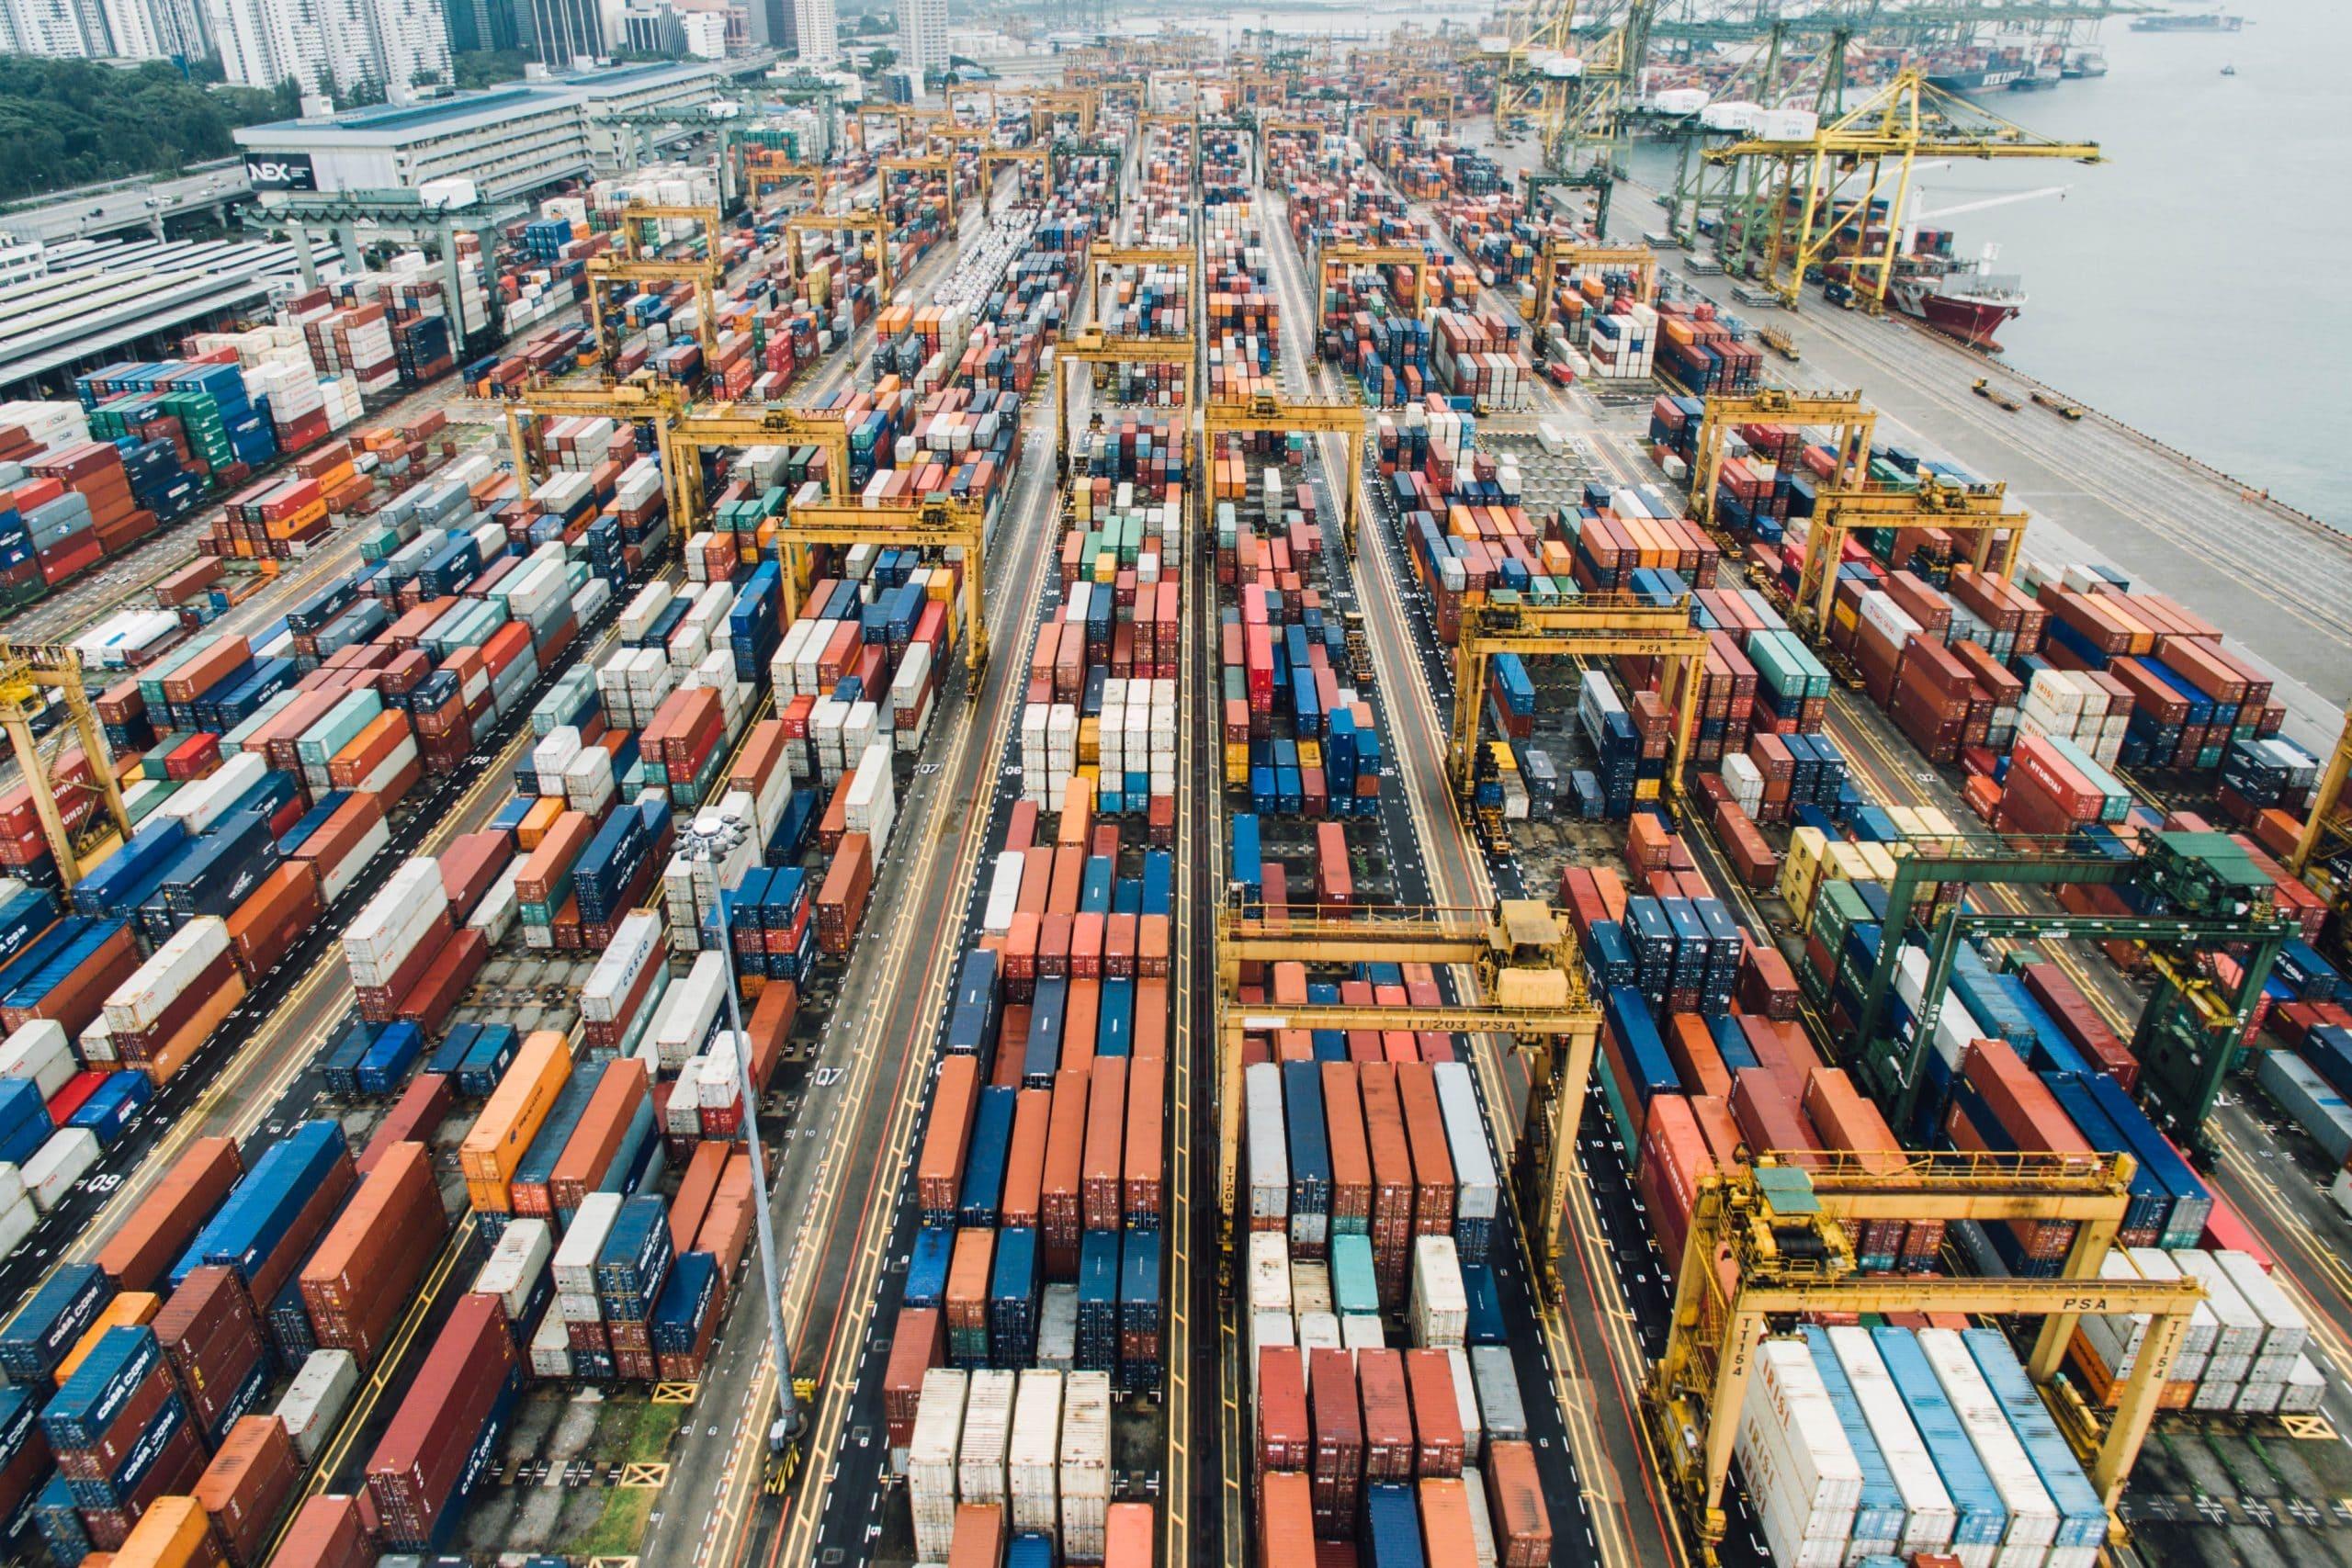 物流のコスト削減 輸送費や運送費のコスト削減、国際物流や運送会社の比較まで